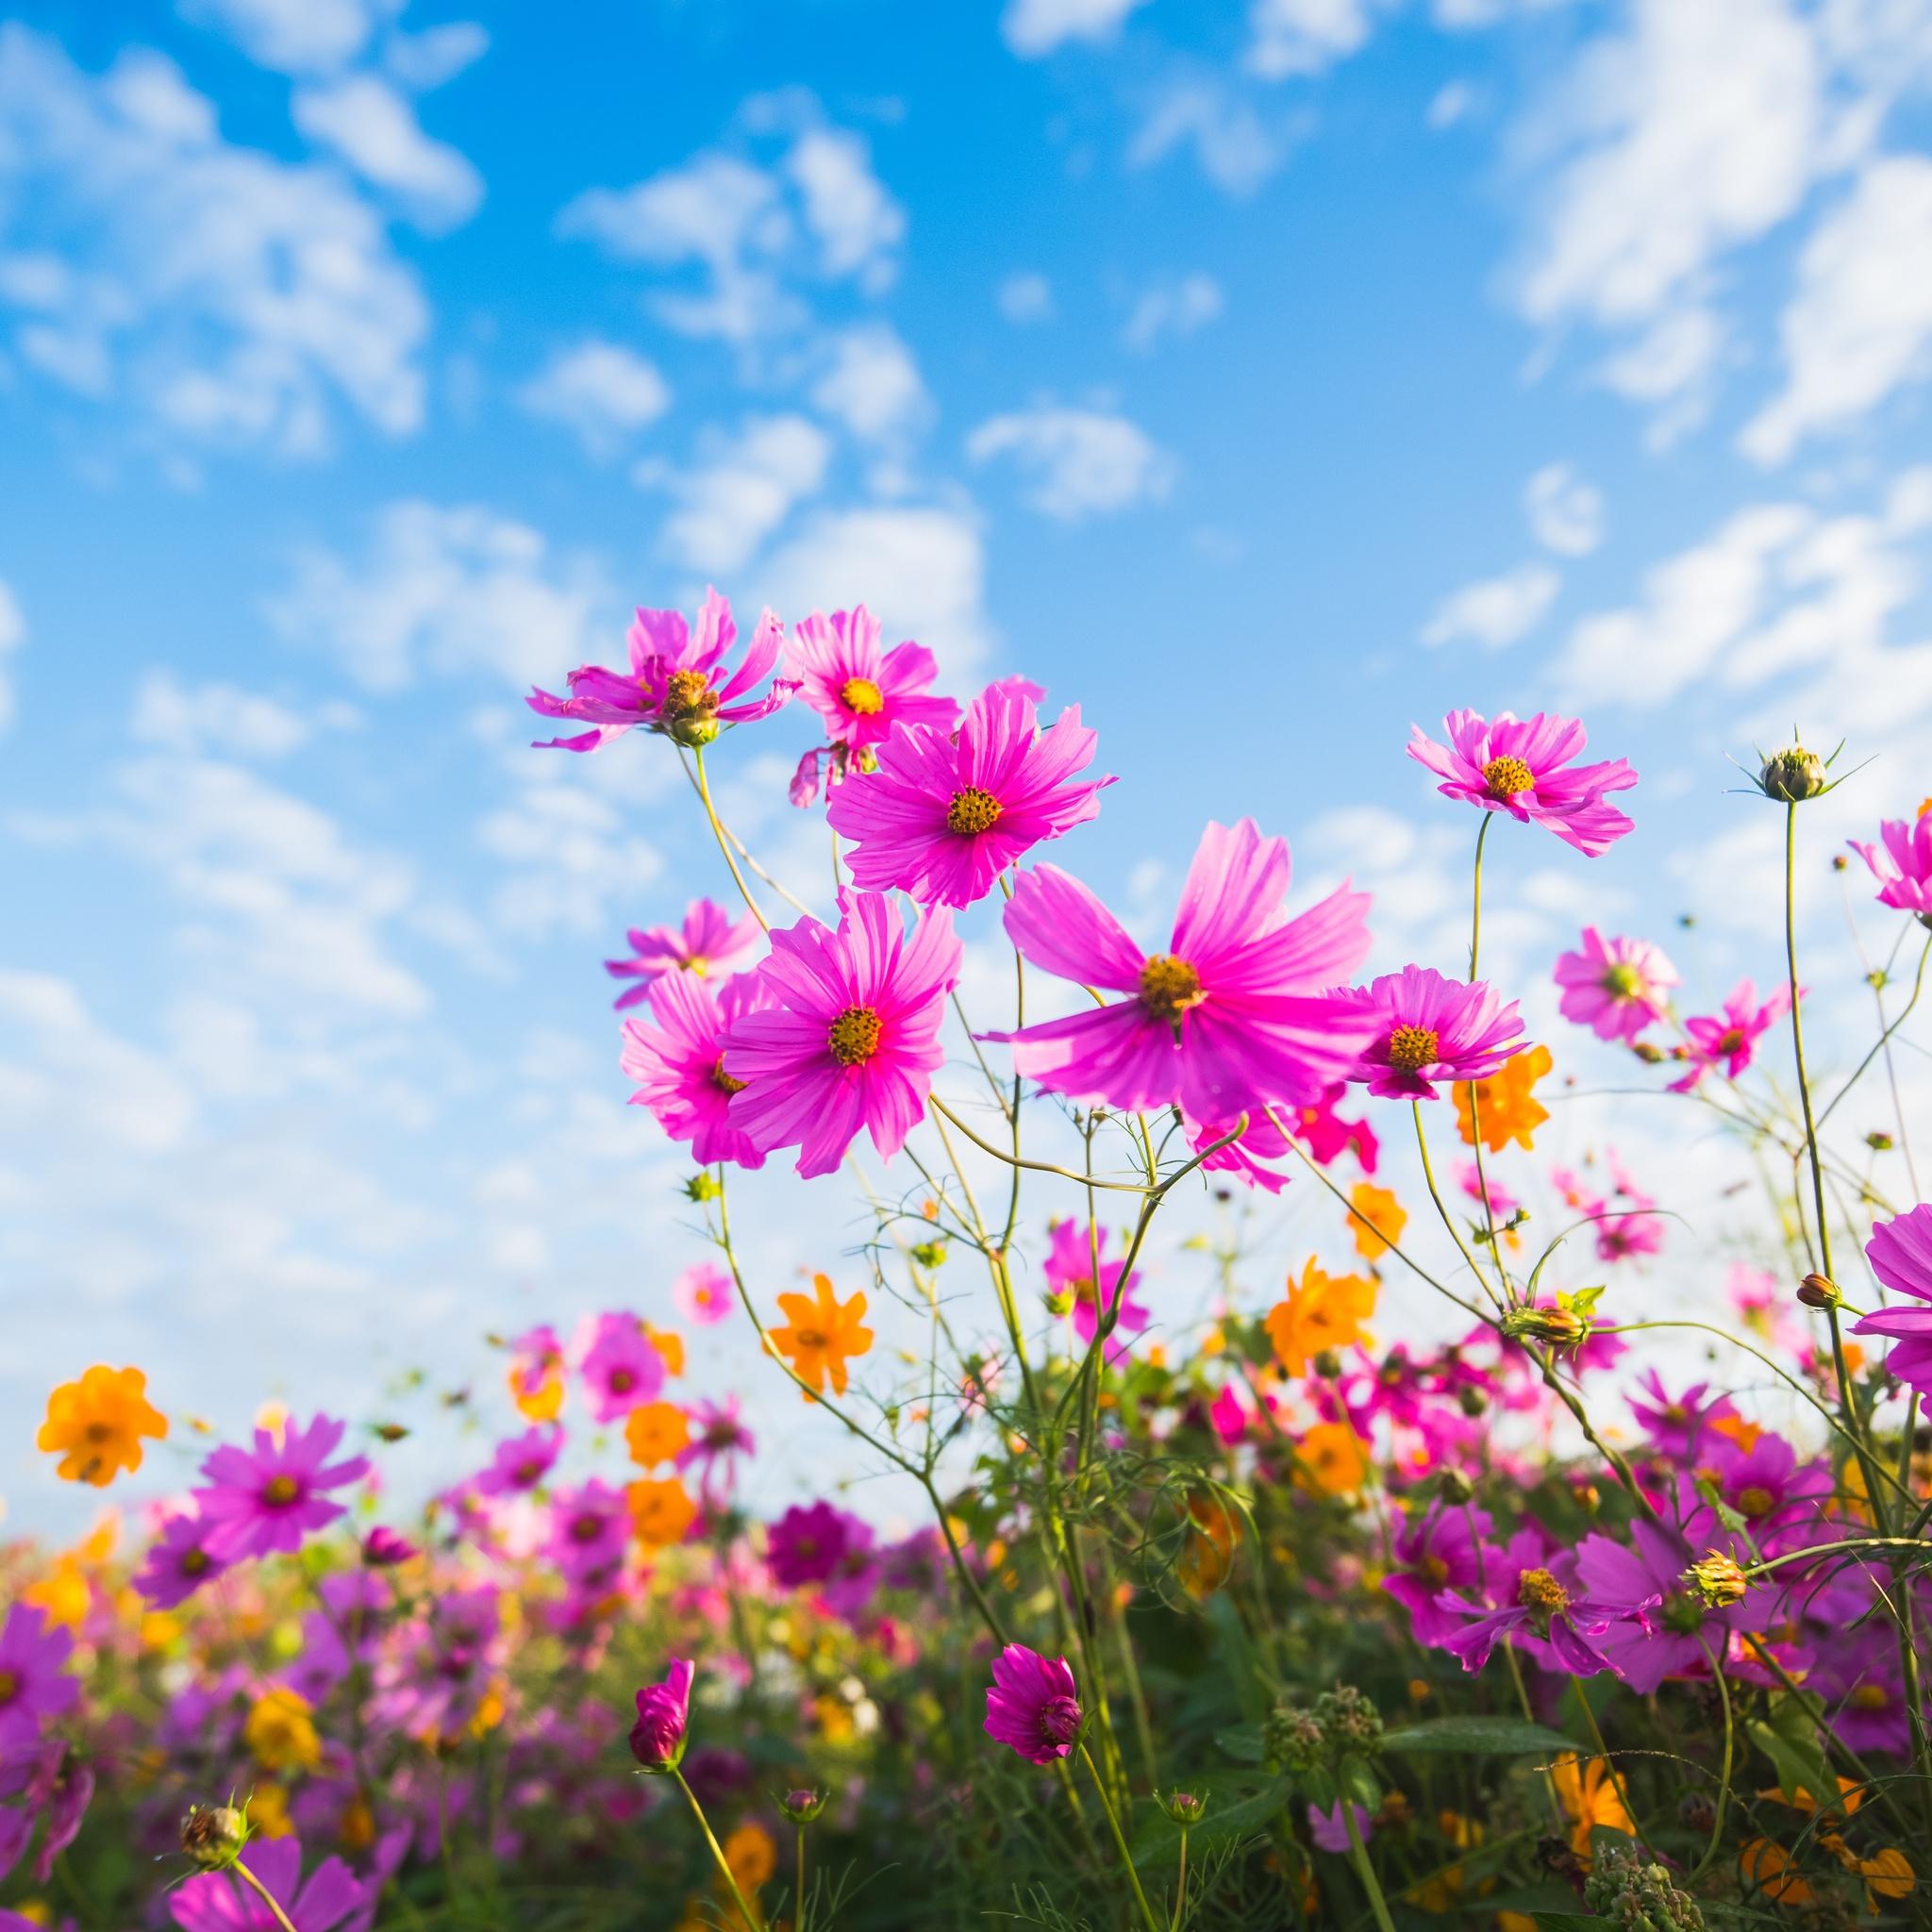 purple-flowers-clouds-5k-oh.jpg